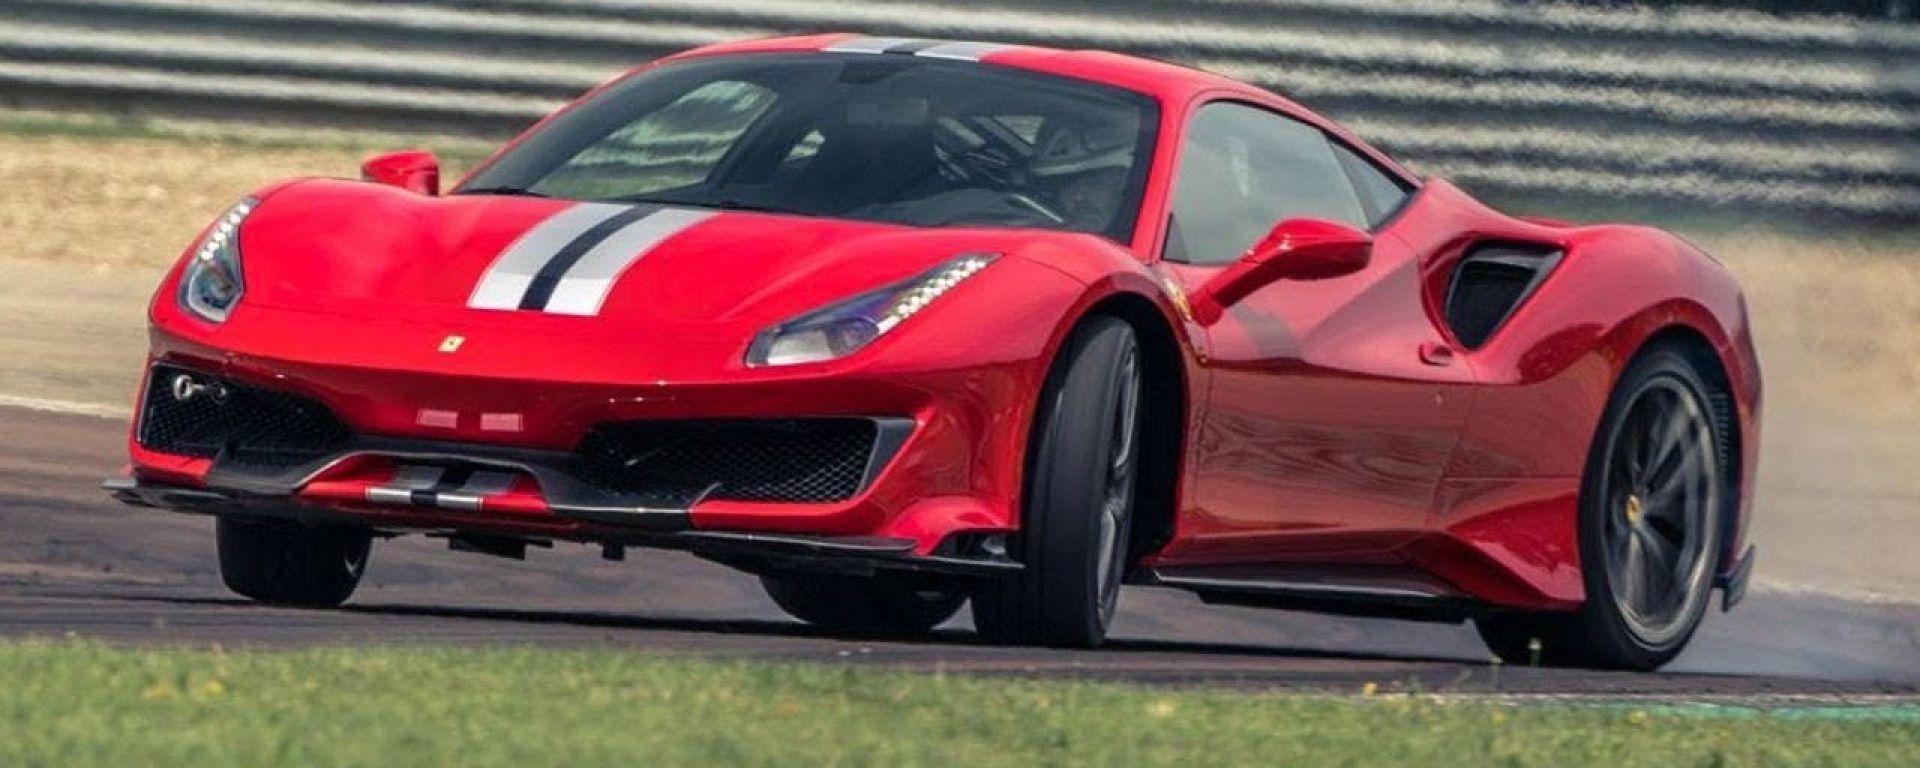 Ferrari 488 Pista: record pazzesco sul circuito di Top Gear